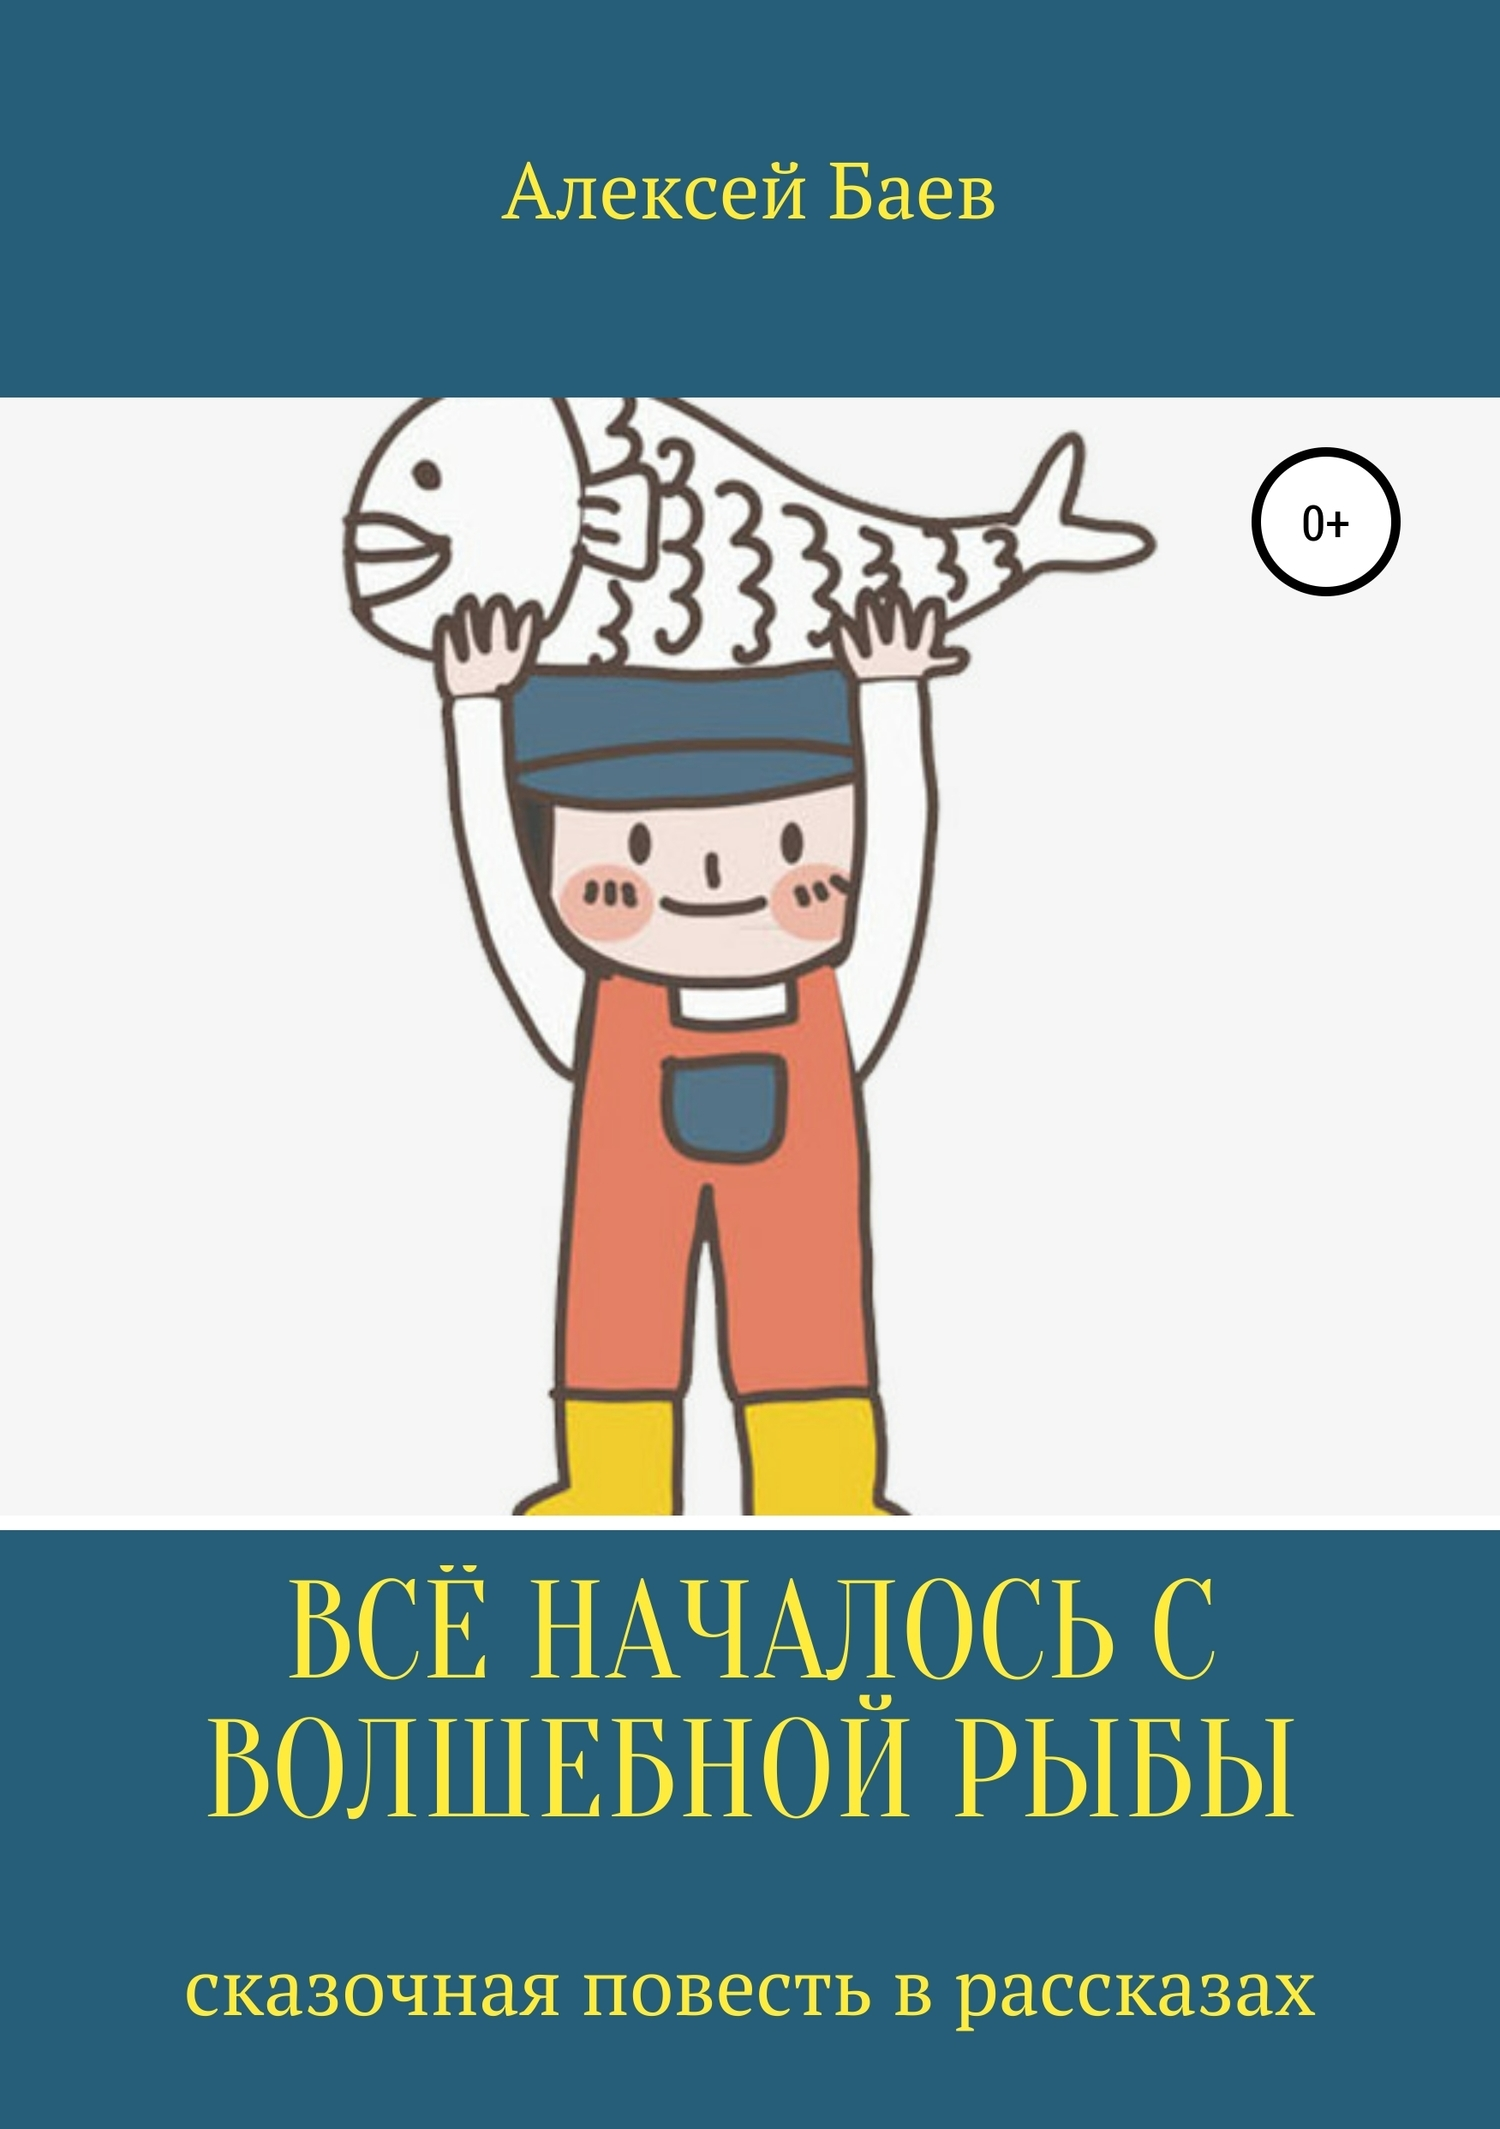 Алексей Баев - Всё началось с волшебной рыбы